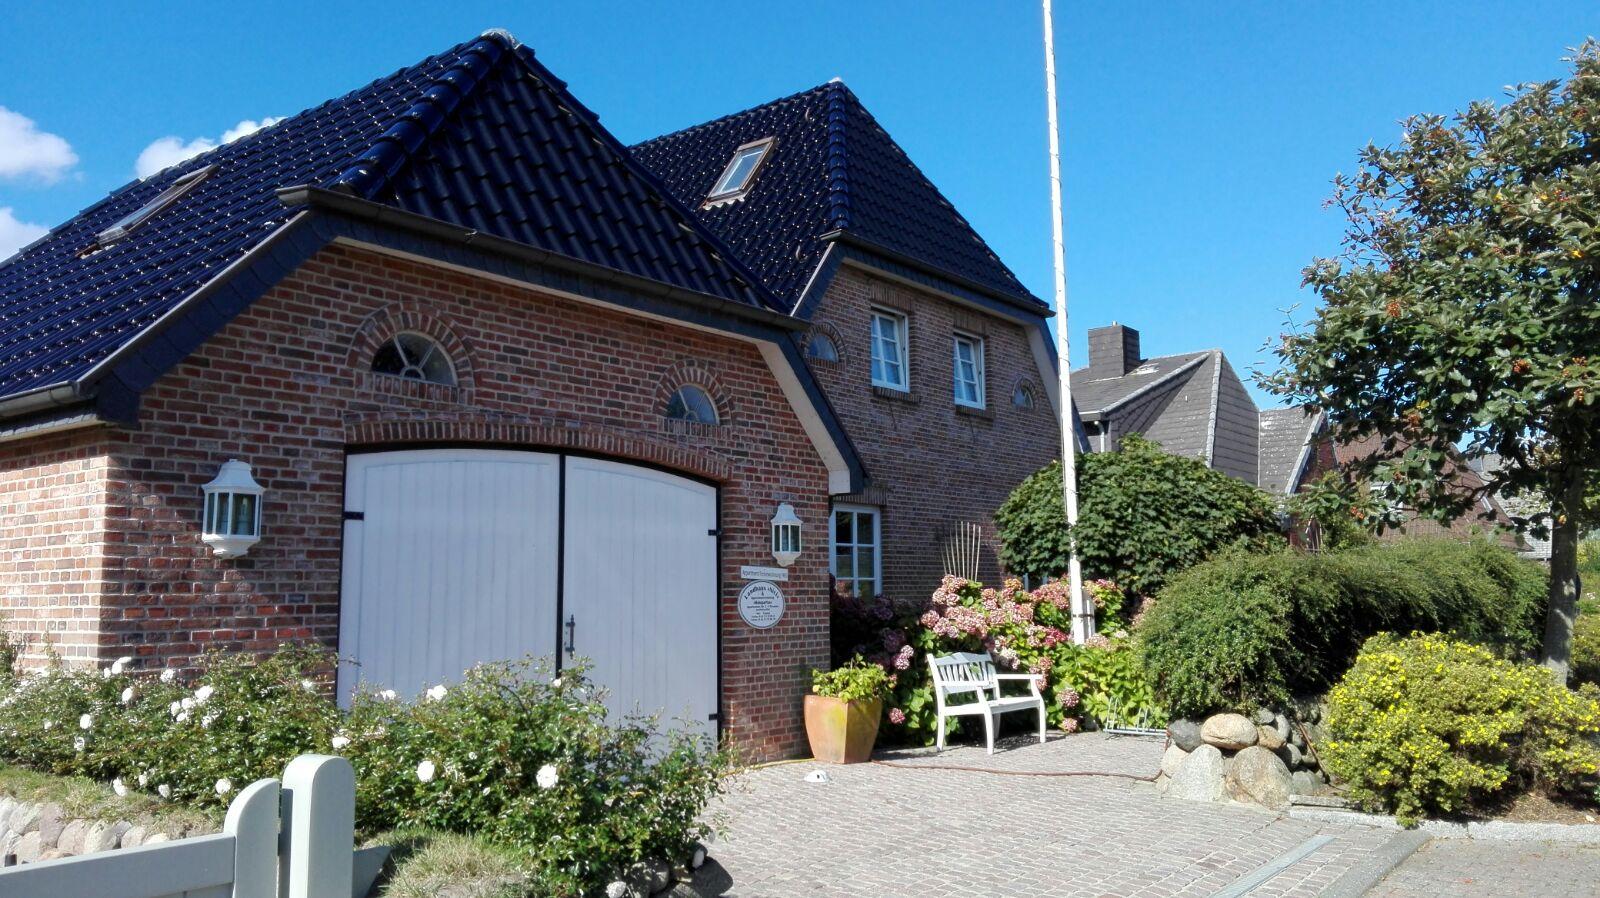 Traumhaus – Exklusives Friesenhaus in Strandnähe auf Sylt – City ...